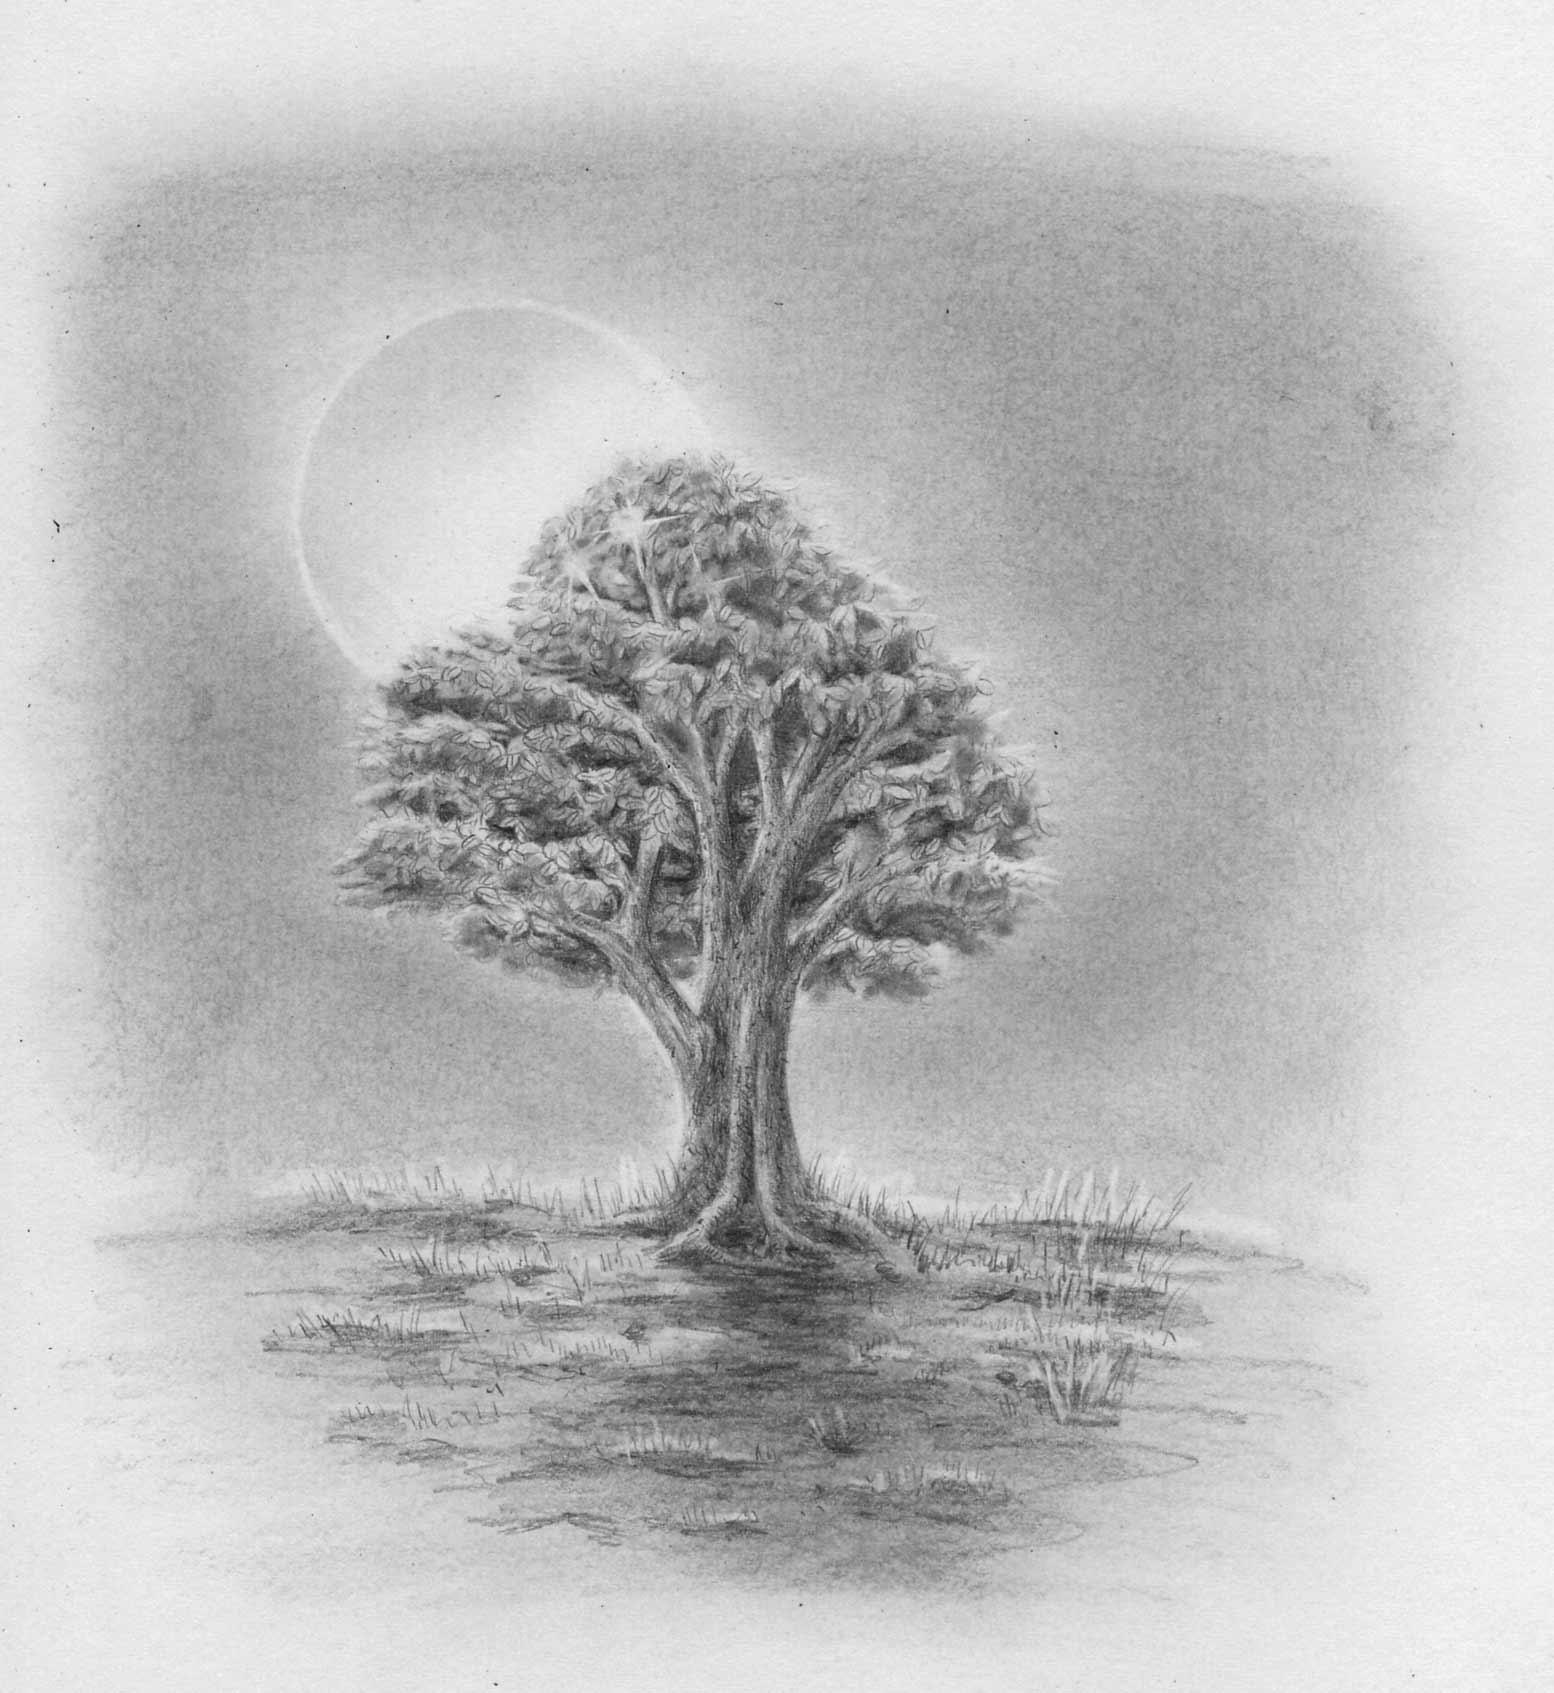 Laub - Baum - Zeichnen Lernen - Zeichenkurs verwandt mit Wie Kann Ich Zeichnen Lernen